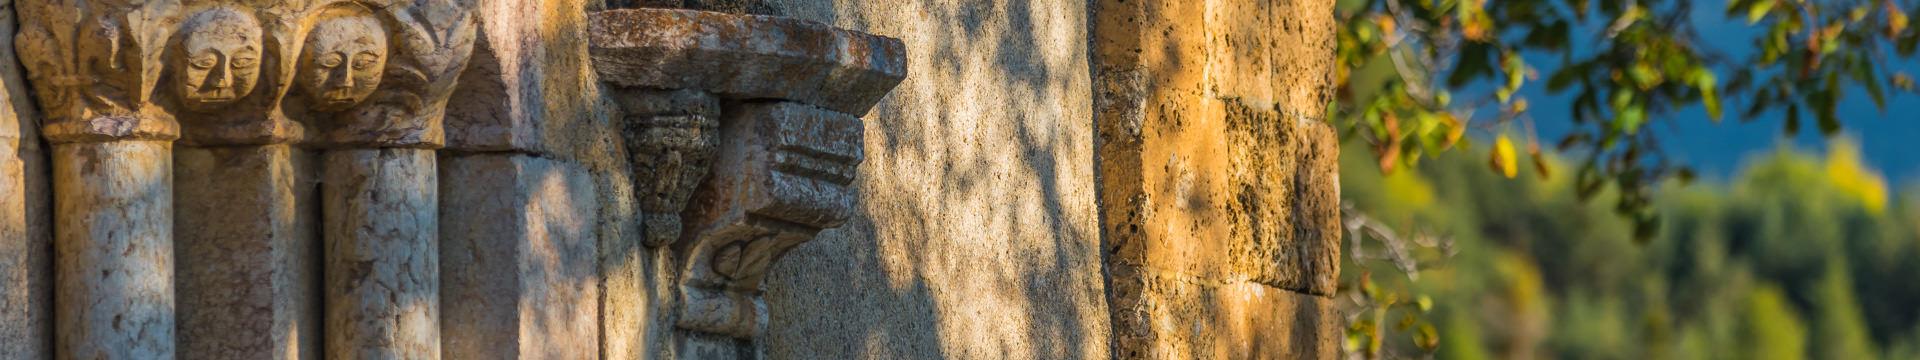 Le patrimoine et l'histoire des villages/villes de Serre-Ponçon